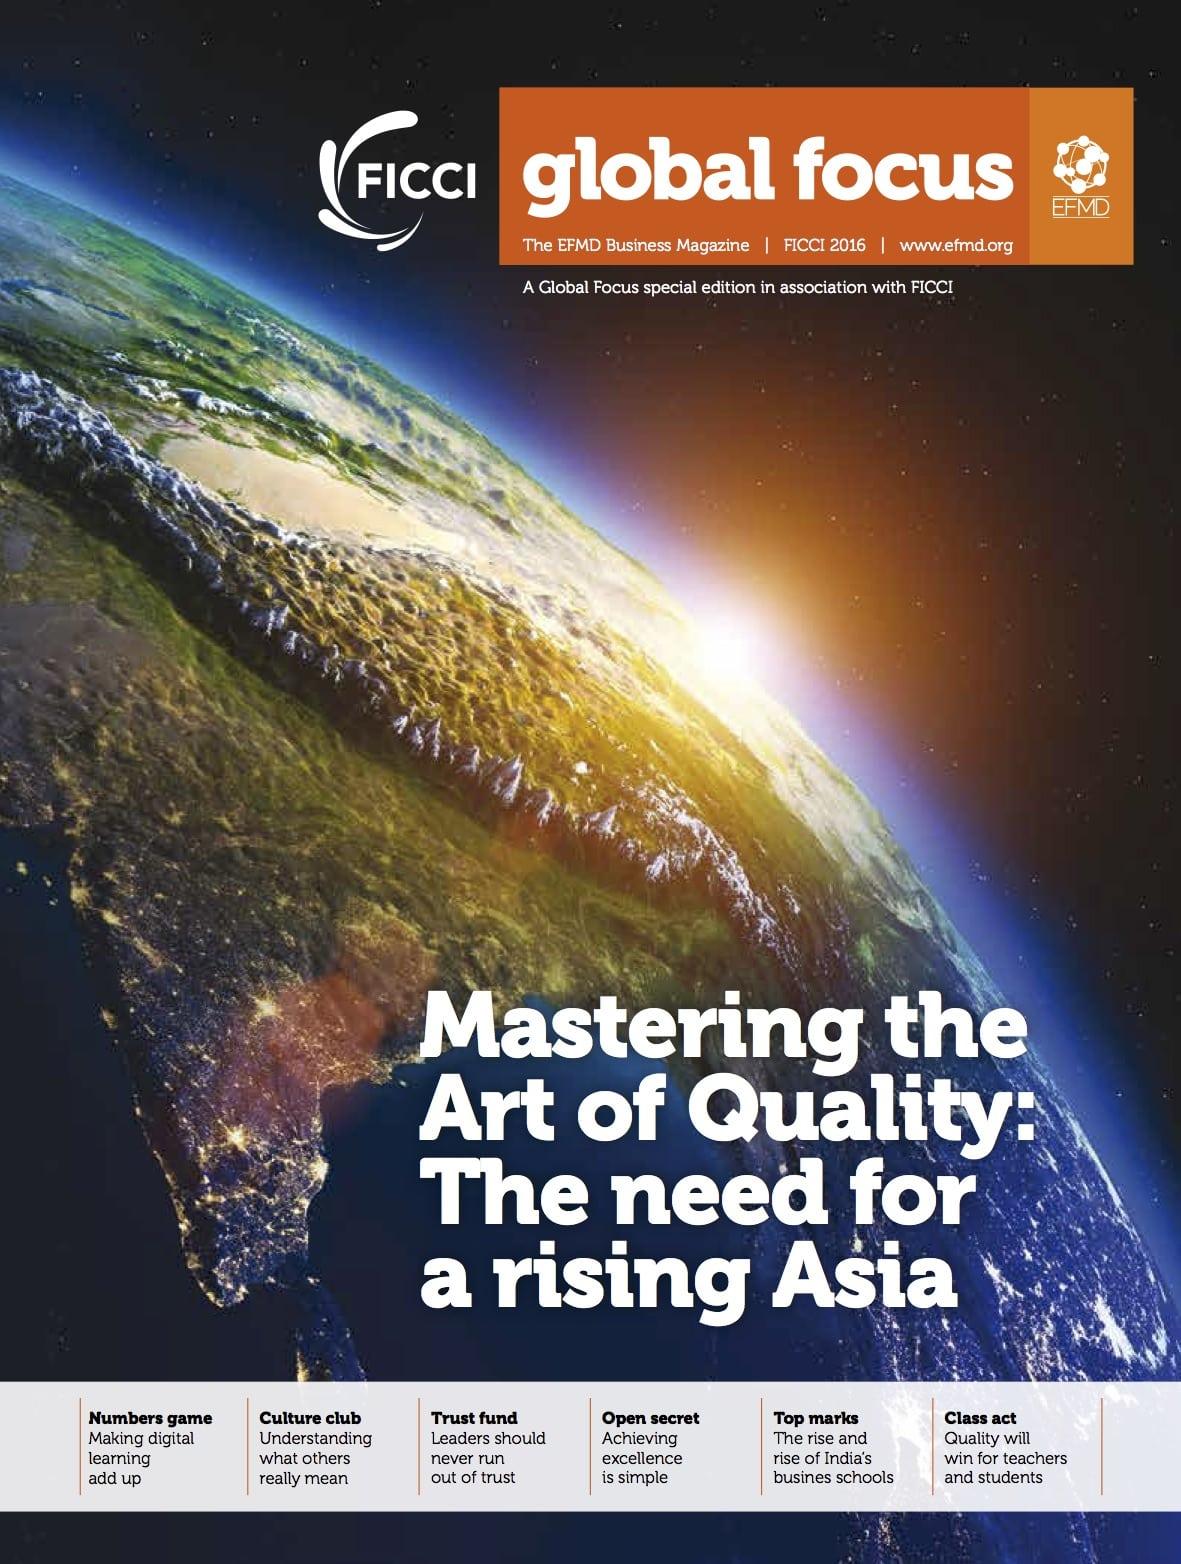 https://globalfocusmagazine.com/wp-content/uploads/2016/11/EFMD-Global-Focus_FICCI_2016_ONLINE.pdf